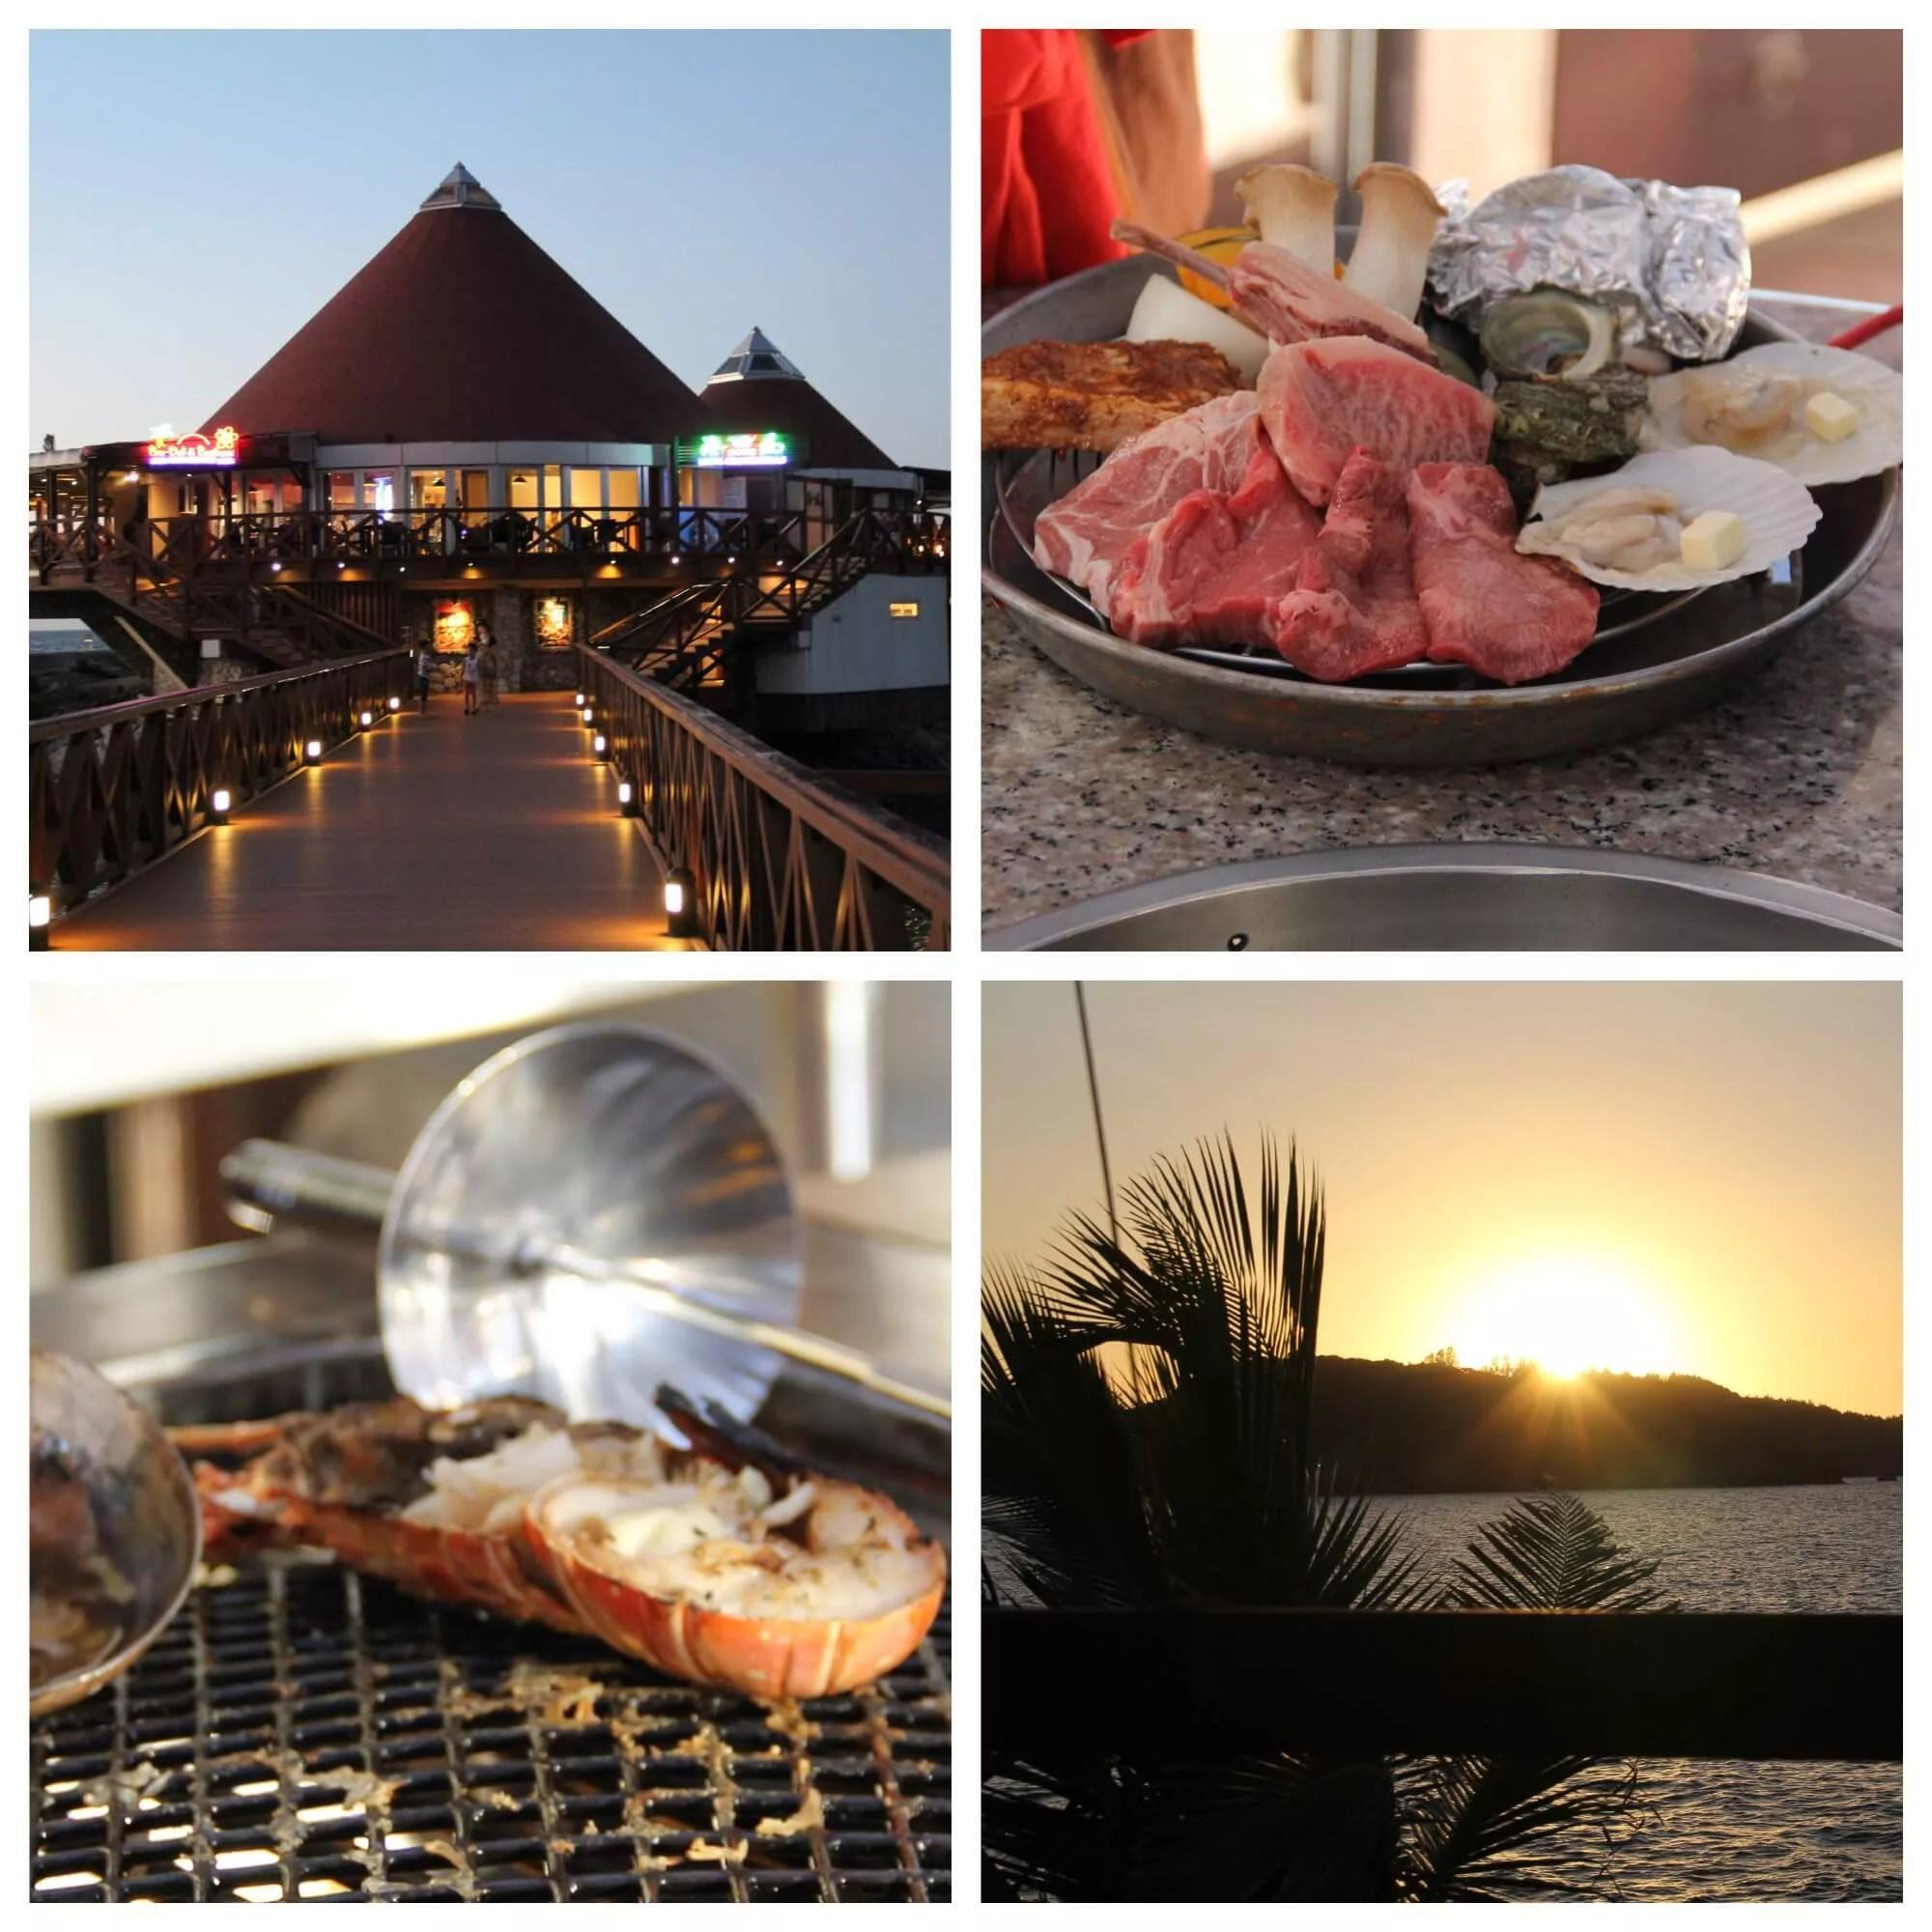 ルネッサンスリゾートオキナワ・「コーラルシービュー」ディナー(夕陽と海風を感じながらのバーベキュー)